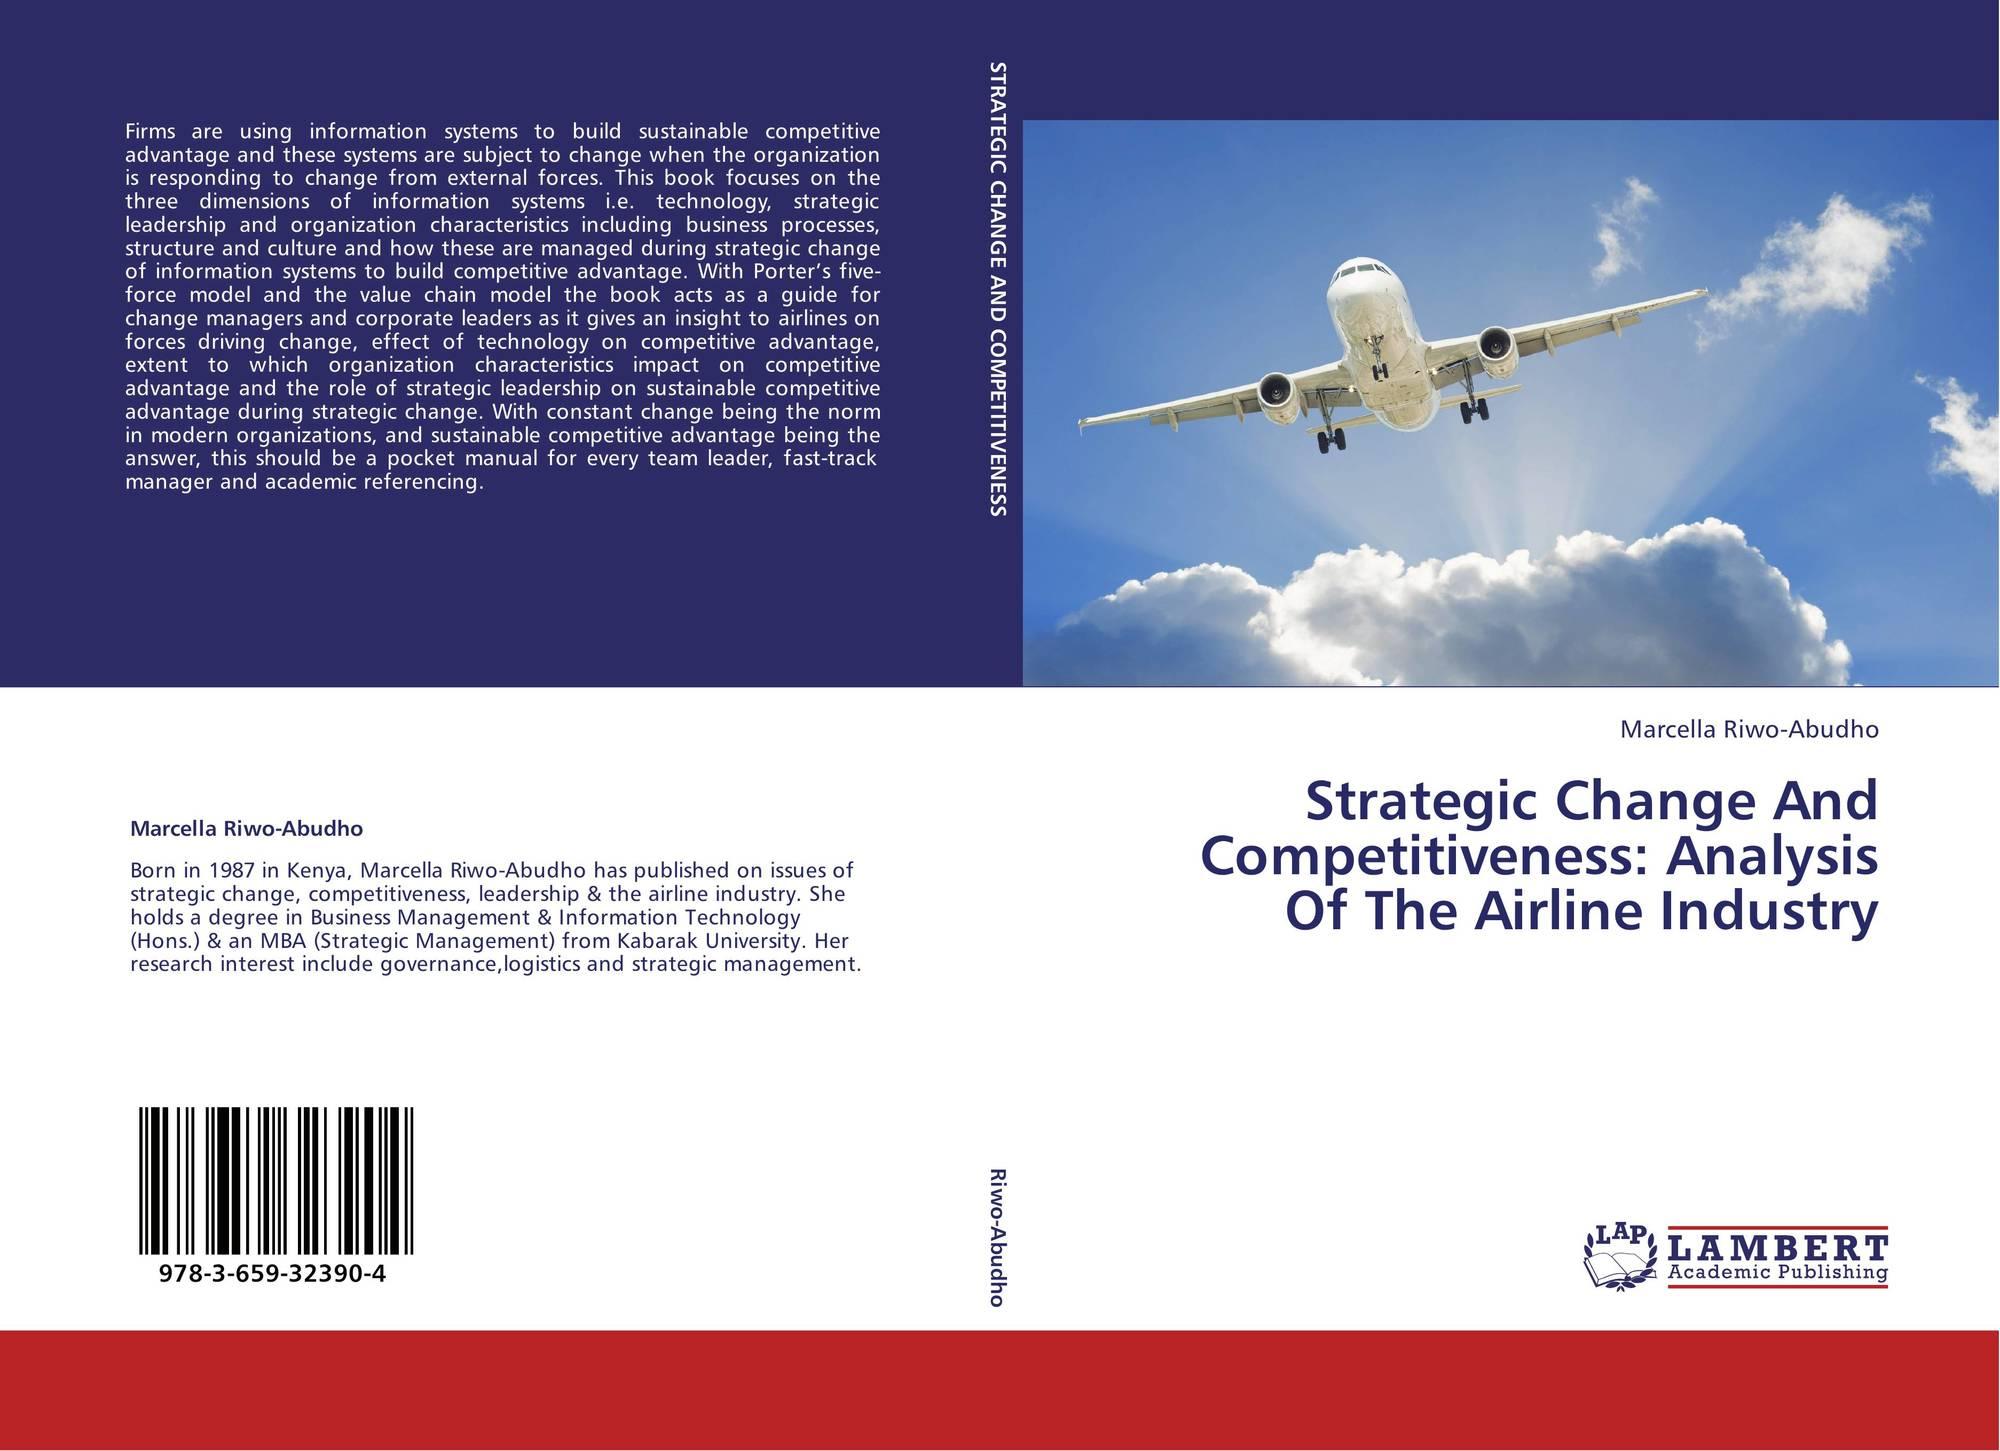 Porter's Five Forces Model | Strategy framework